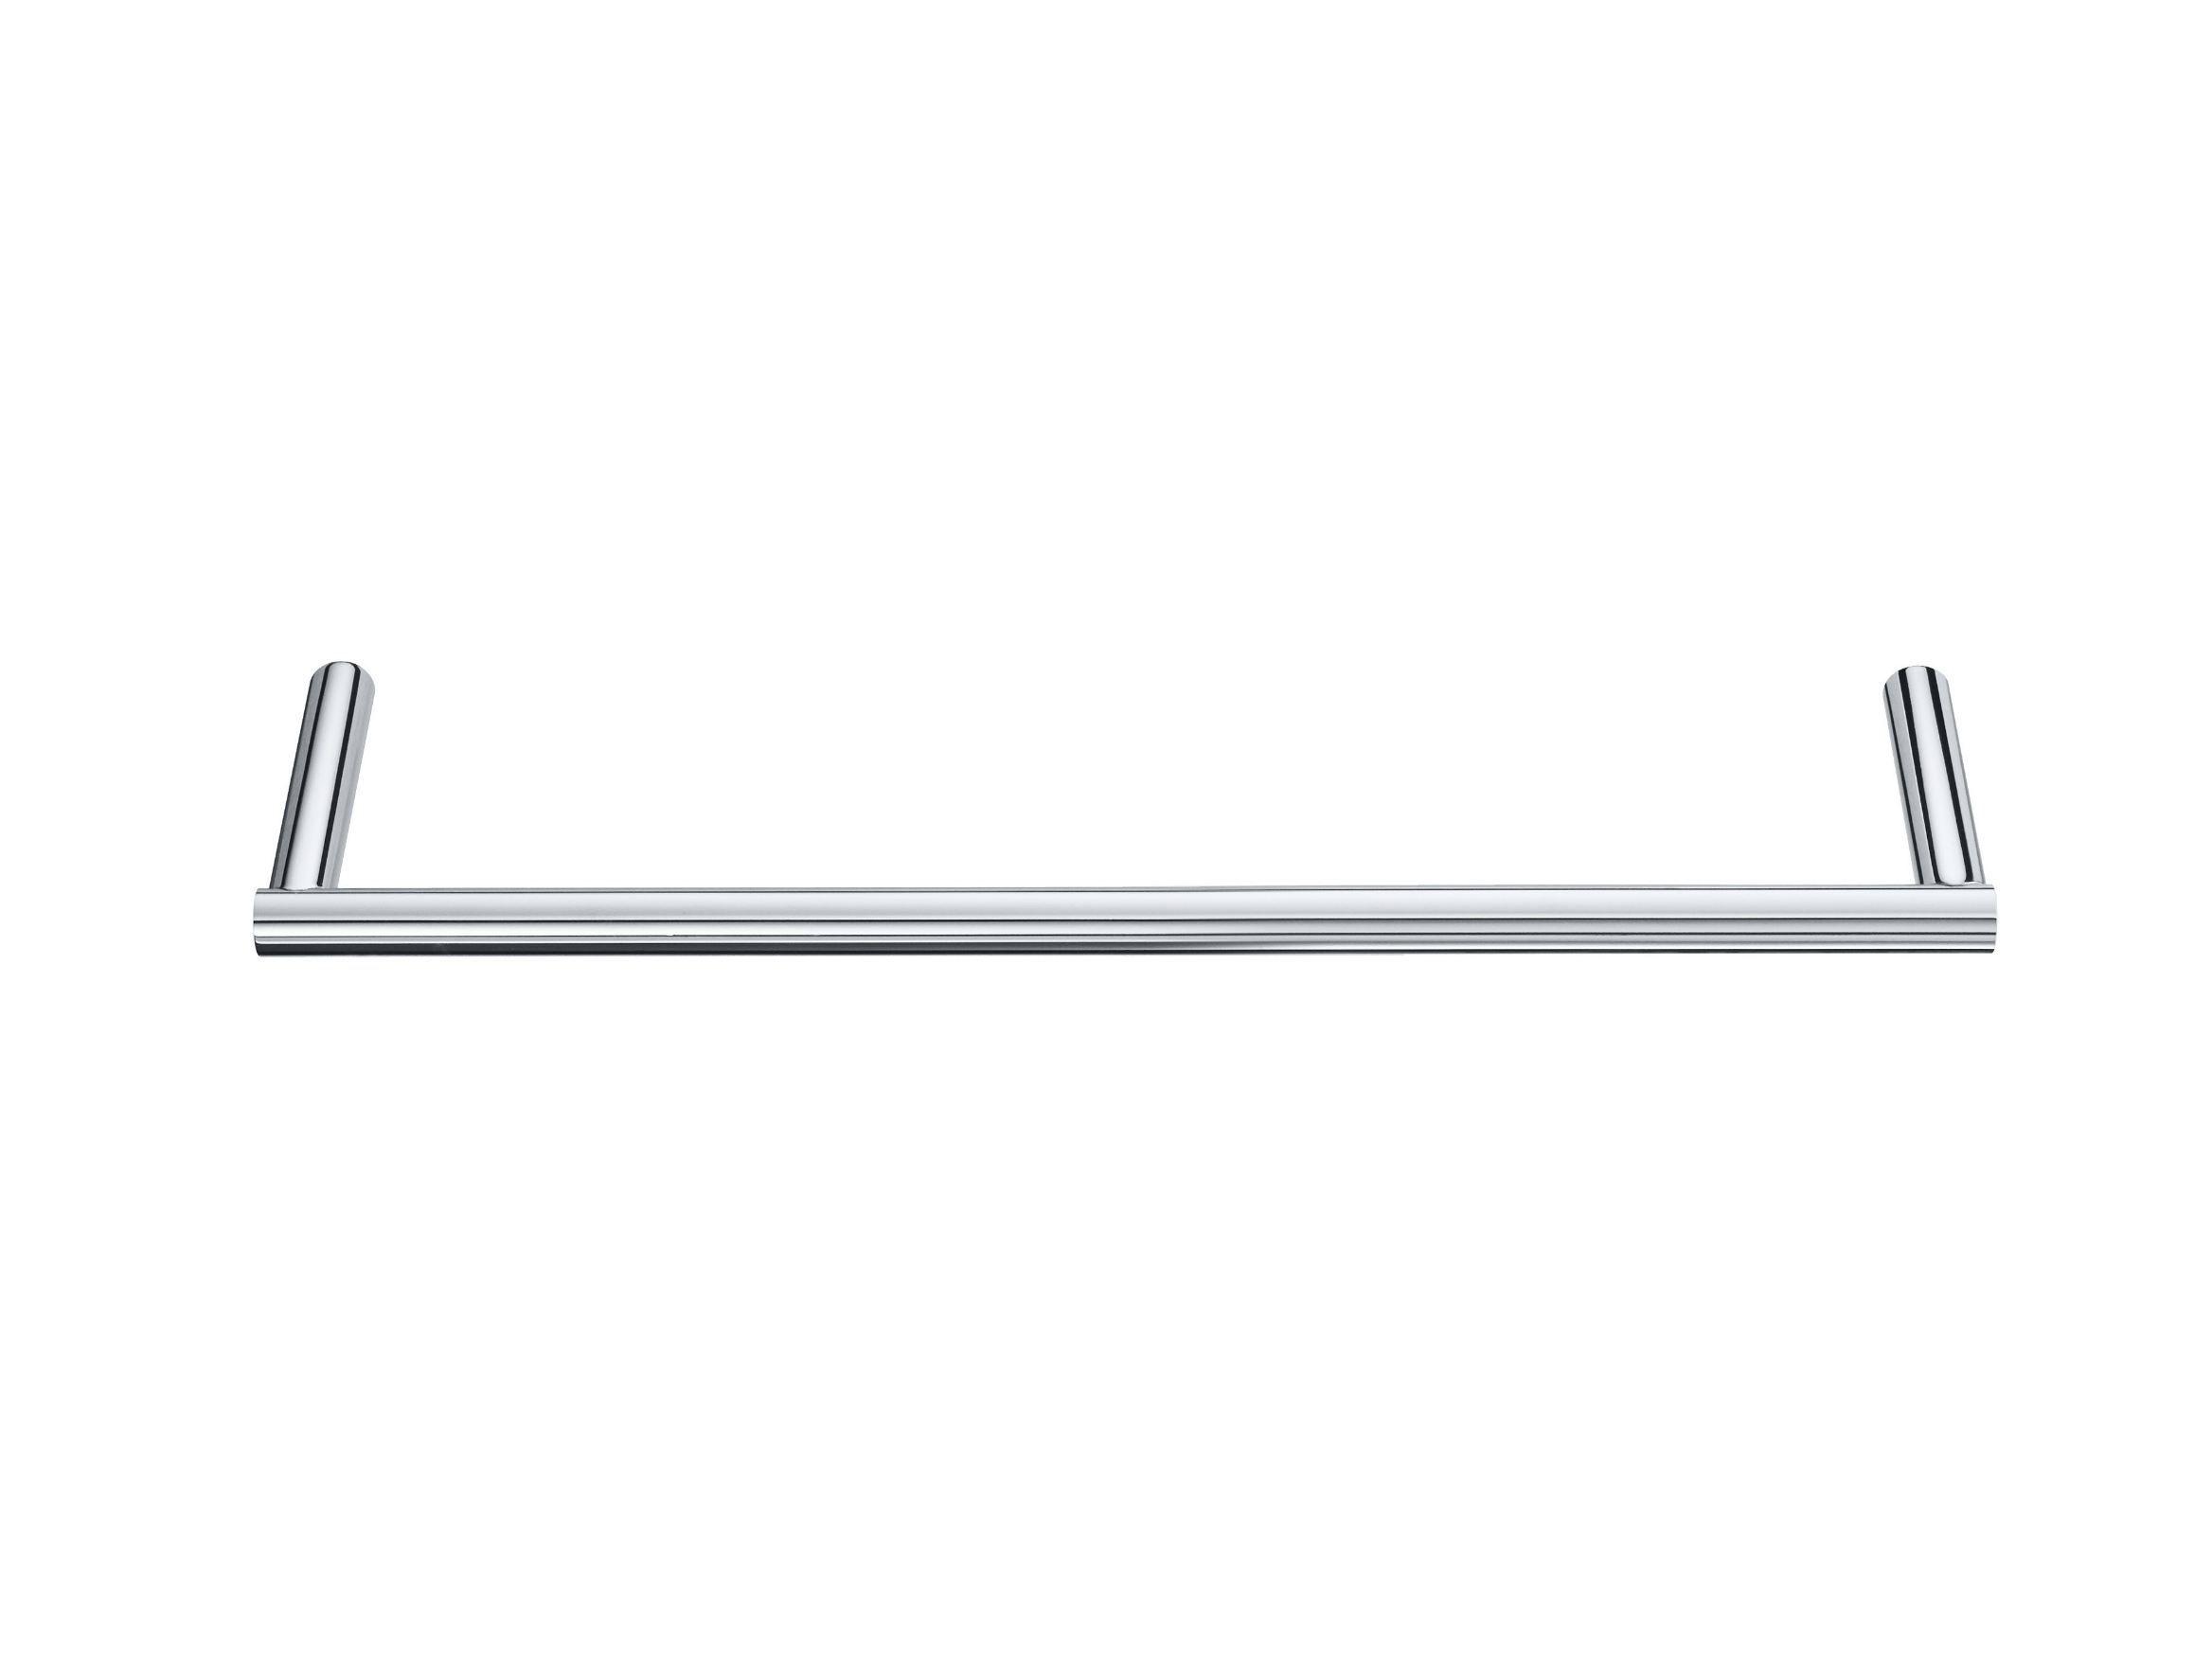 Accessori Bagno Decor Walther : Porta asciugamani a barra in rame mk hte by decor walther